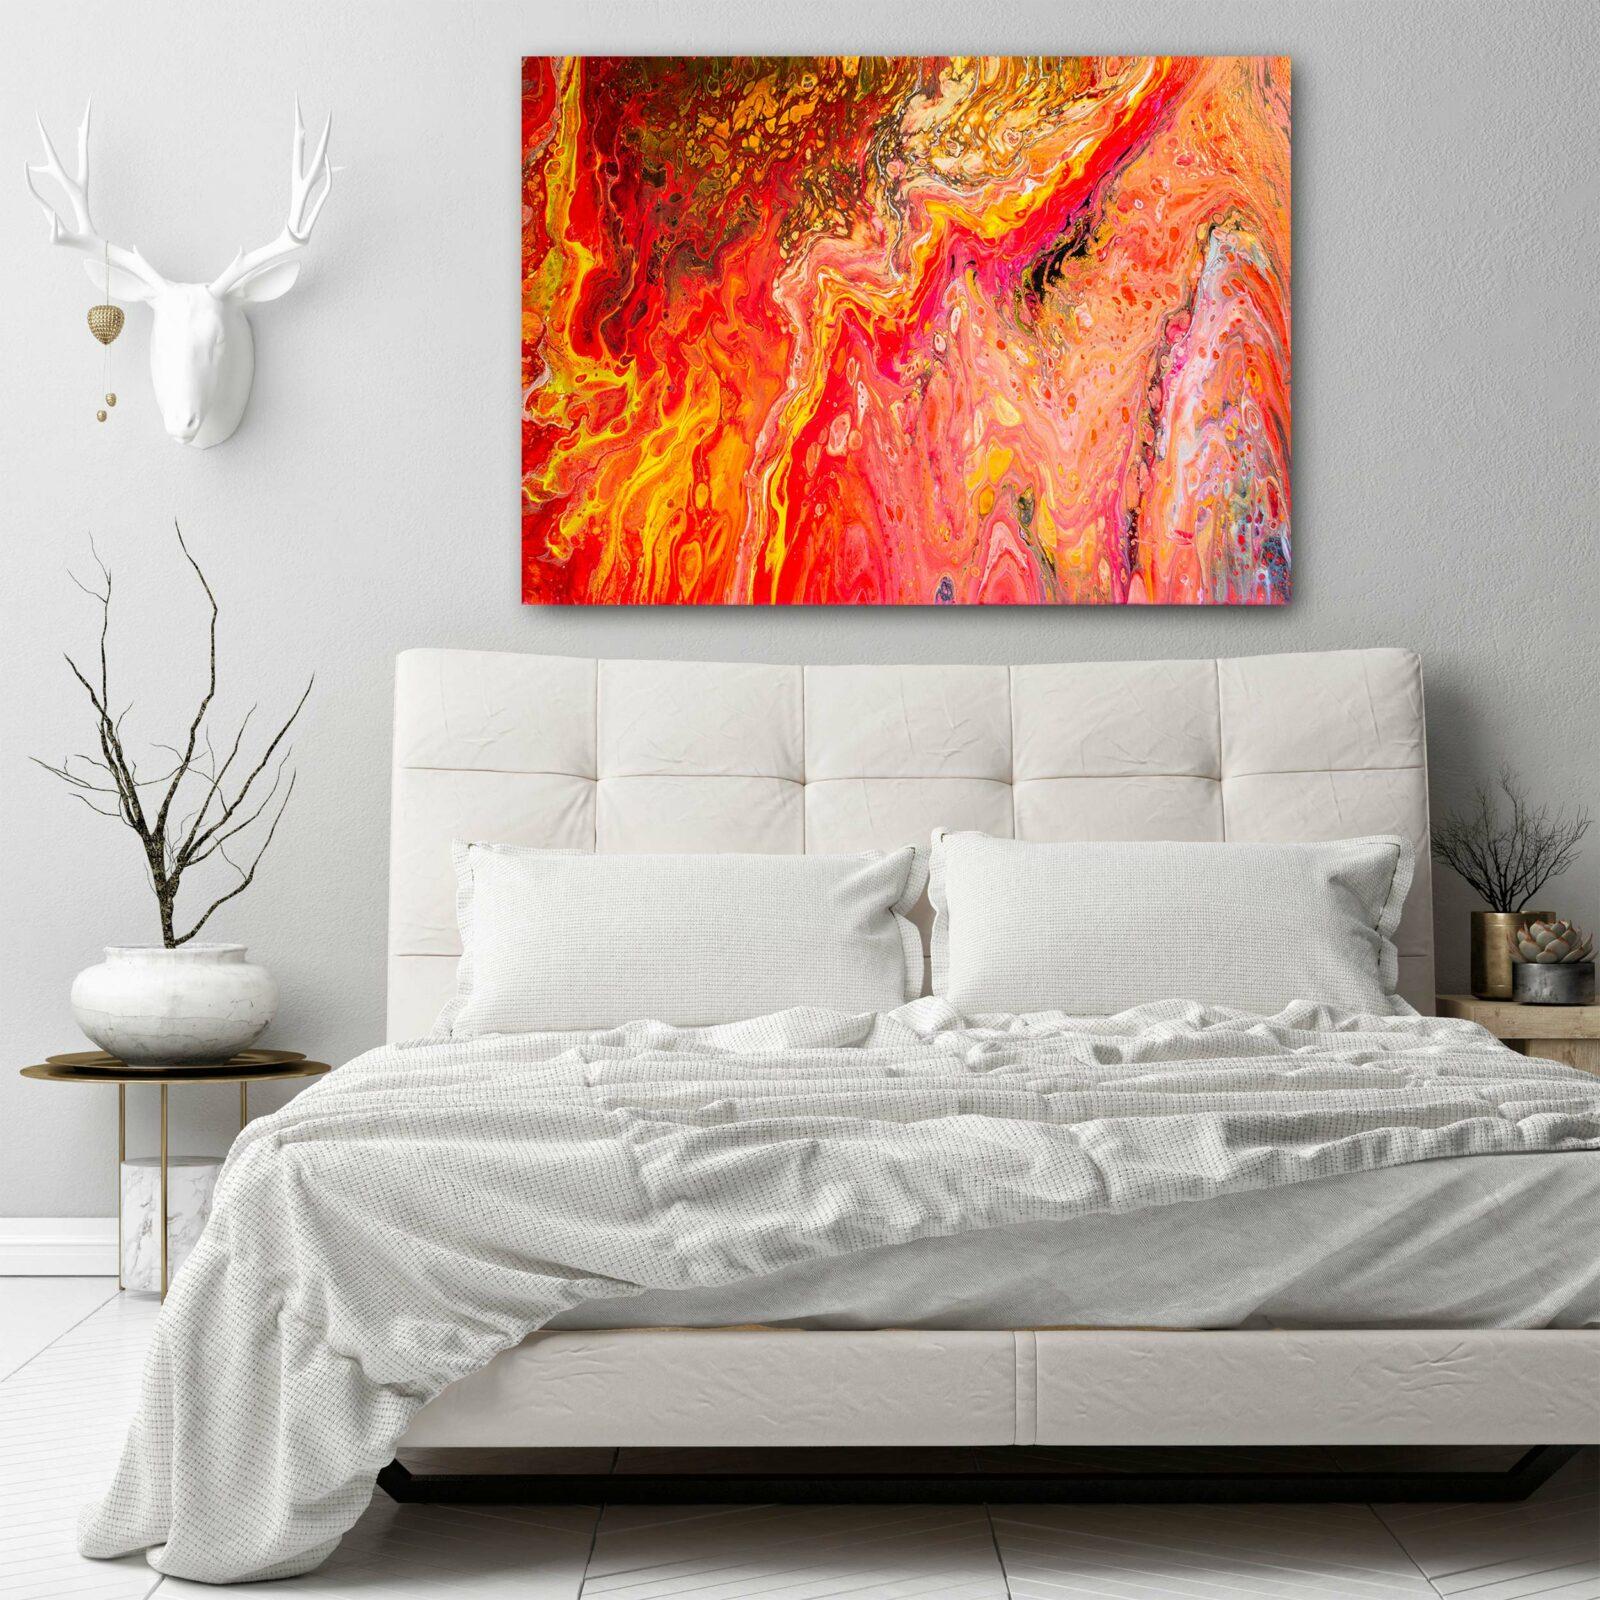 Farbenfroh & Bunt. Acryilgießen – Ein Farbenxplosion der Sinne. MEDIUM: Acryl auf Leinwand. Die Seiten sind bemalt, so gibt es keine Notwendigkeit, diese zu gestalten. Eine Beschichtung aus Lack wurde angewendet, um die Malerei zu schützen. Kann feucht abgewischt werden.